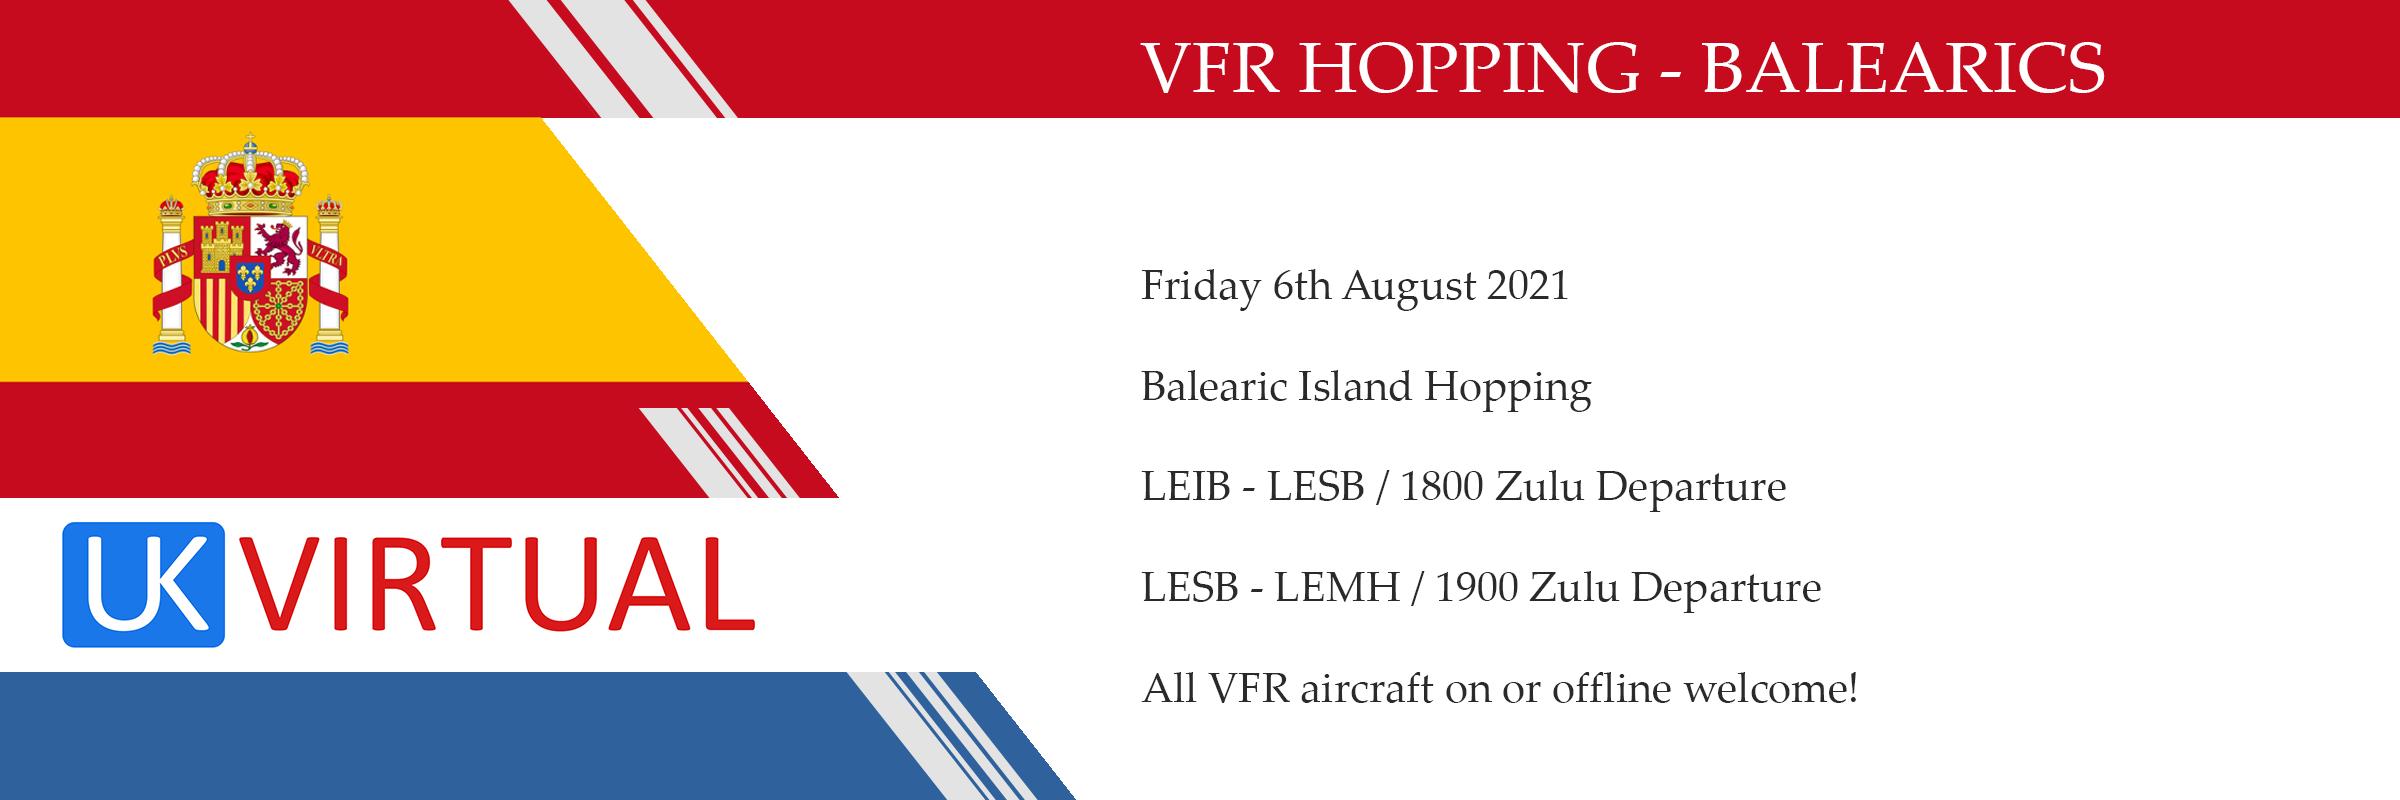 VFR Hopping Balearics